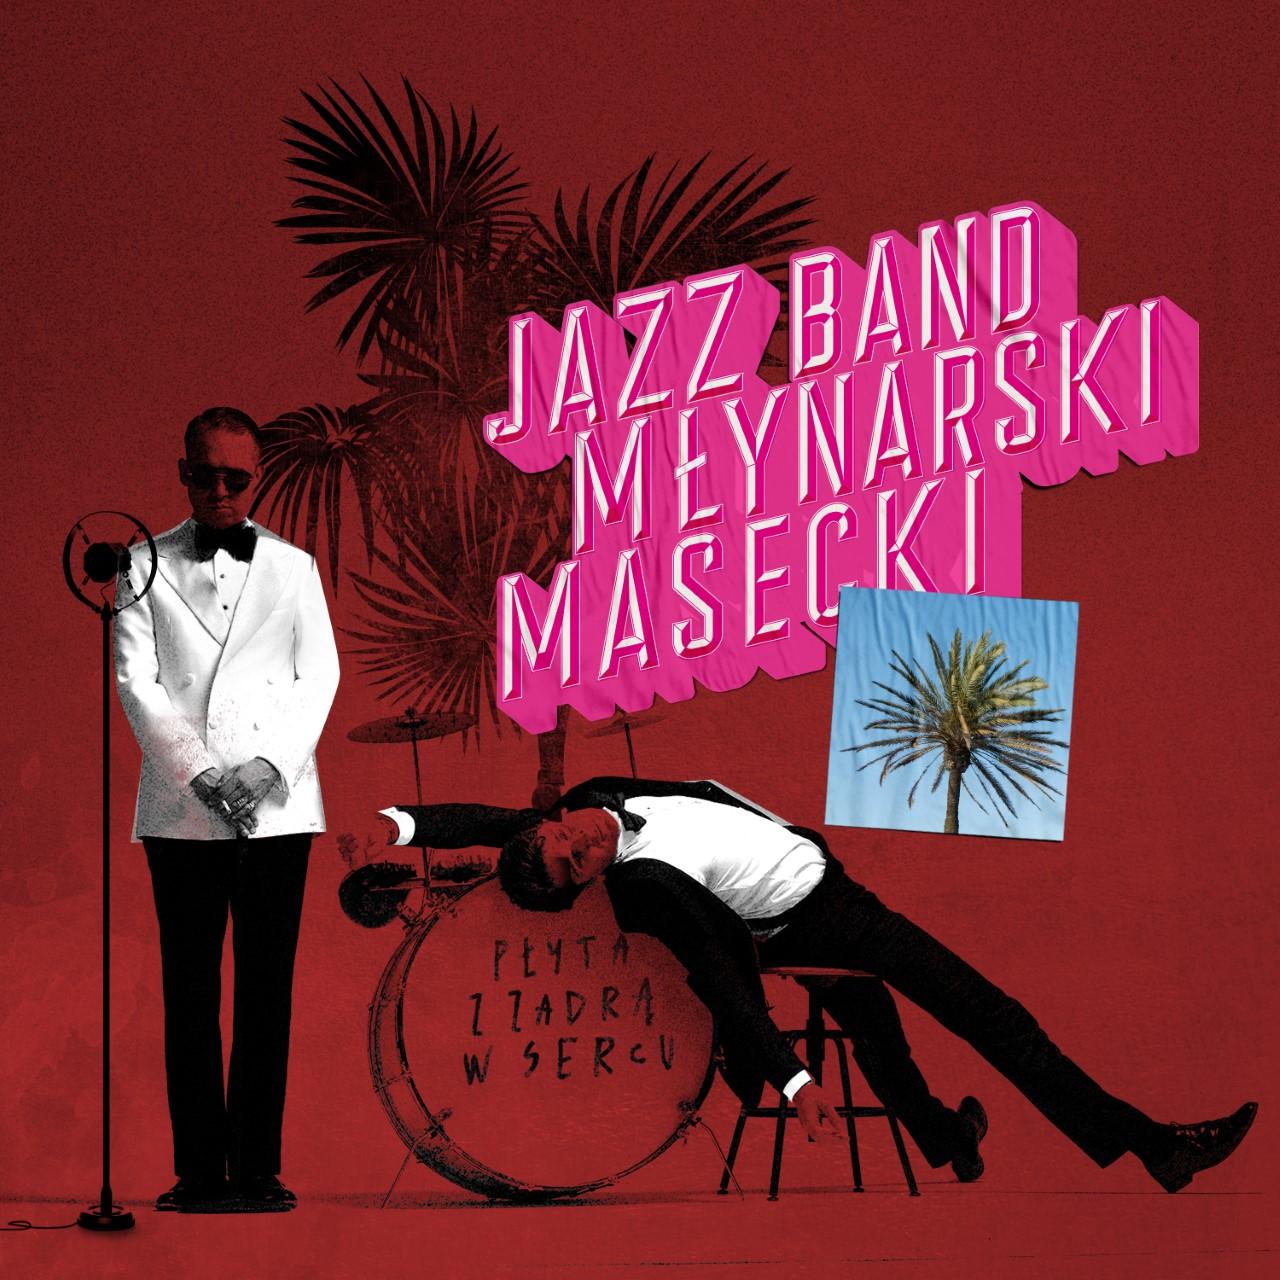 Jazz Band Mlynarski Masecki - Płyta z zadrą w sercu